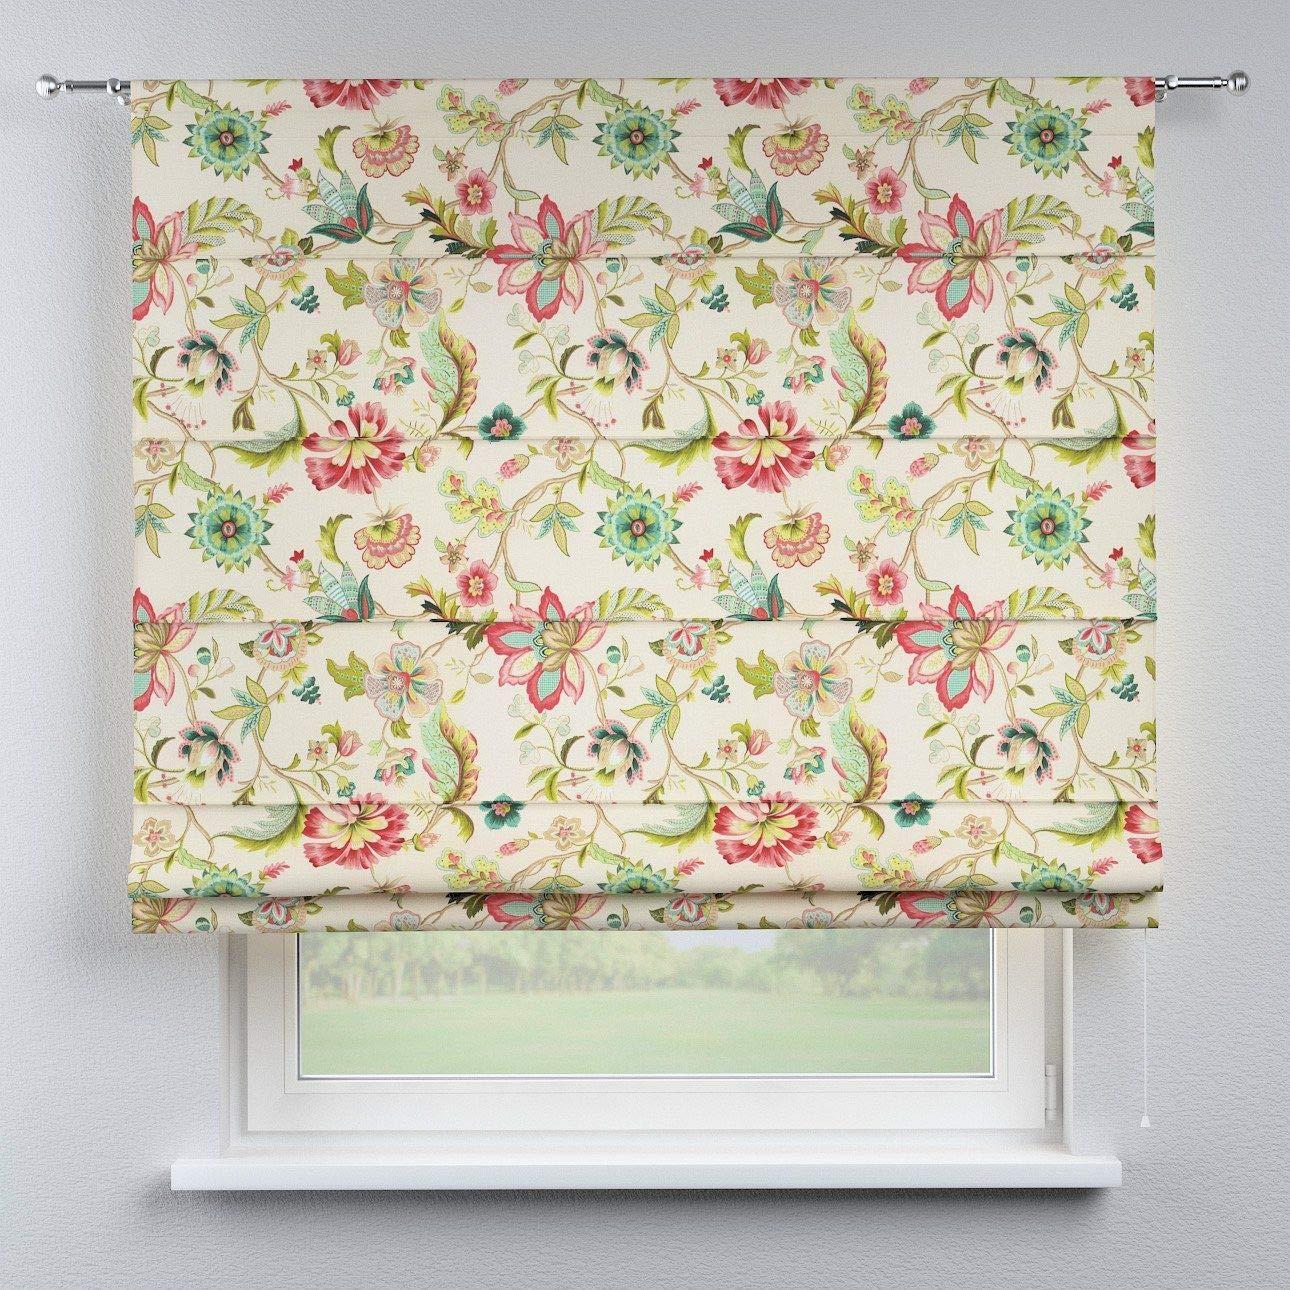 Dekoria Raffrollo Torino ohne Bohren Blickdicht Faltvorhang Raffgardine Wohnzimmer Schlafzimmer Kinderzimmer 130 × 170 cm Ecru Raffrollos auf Maß maßanfertigung möglich